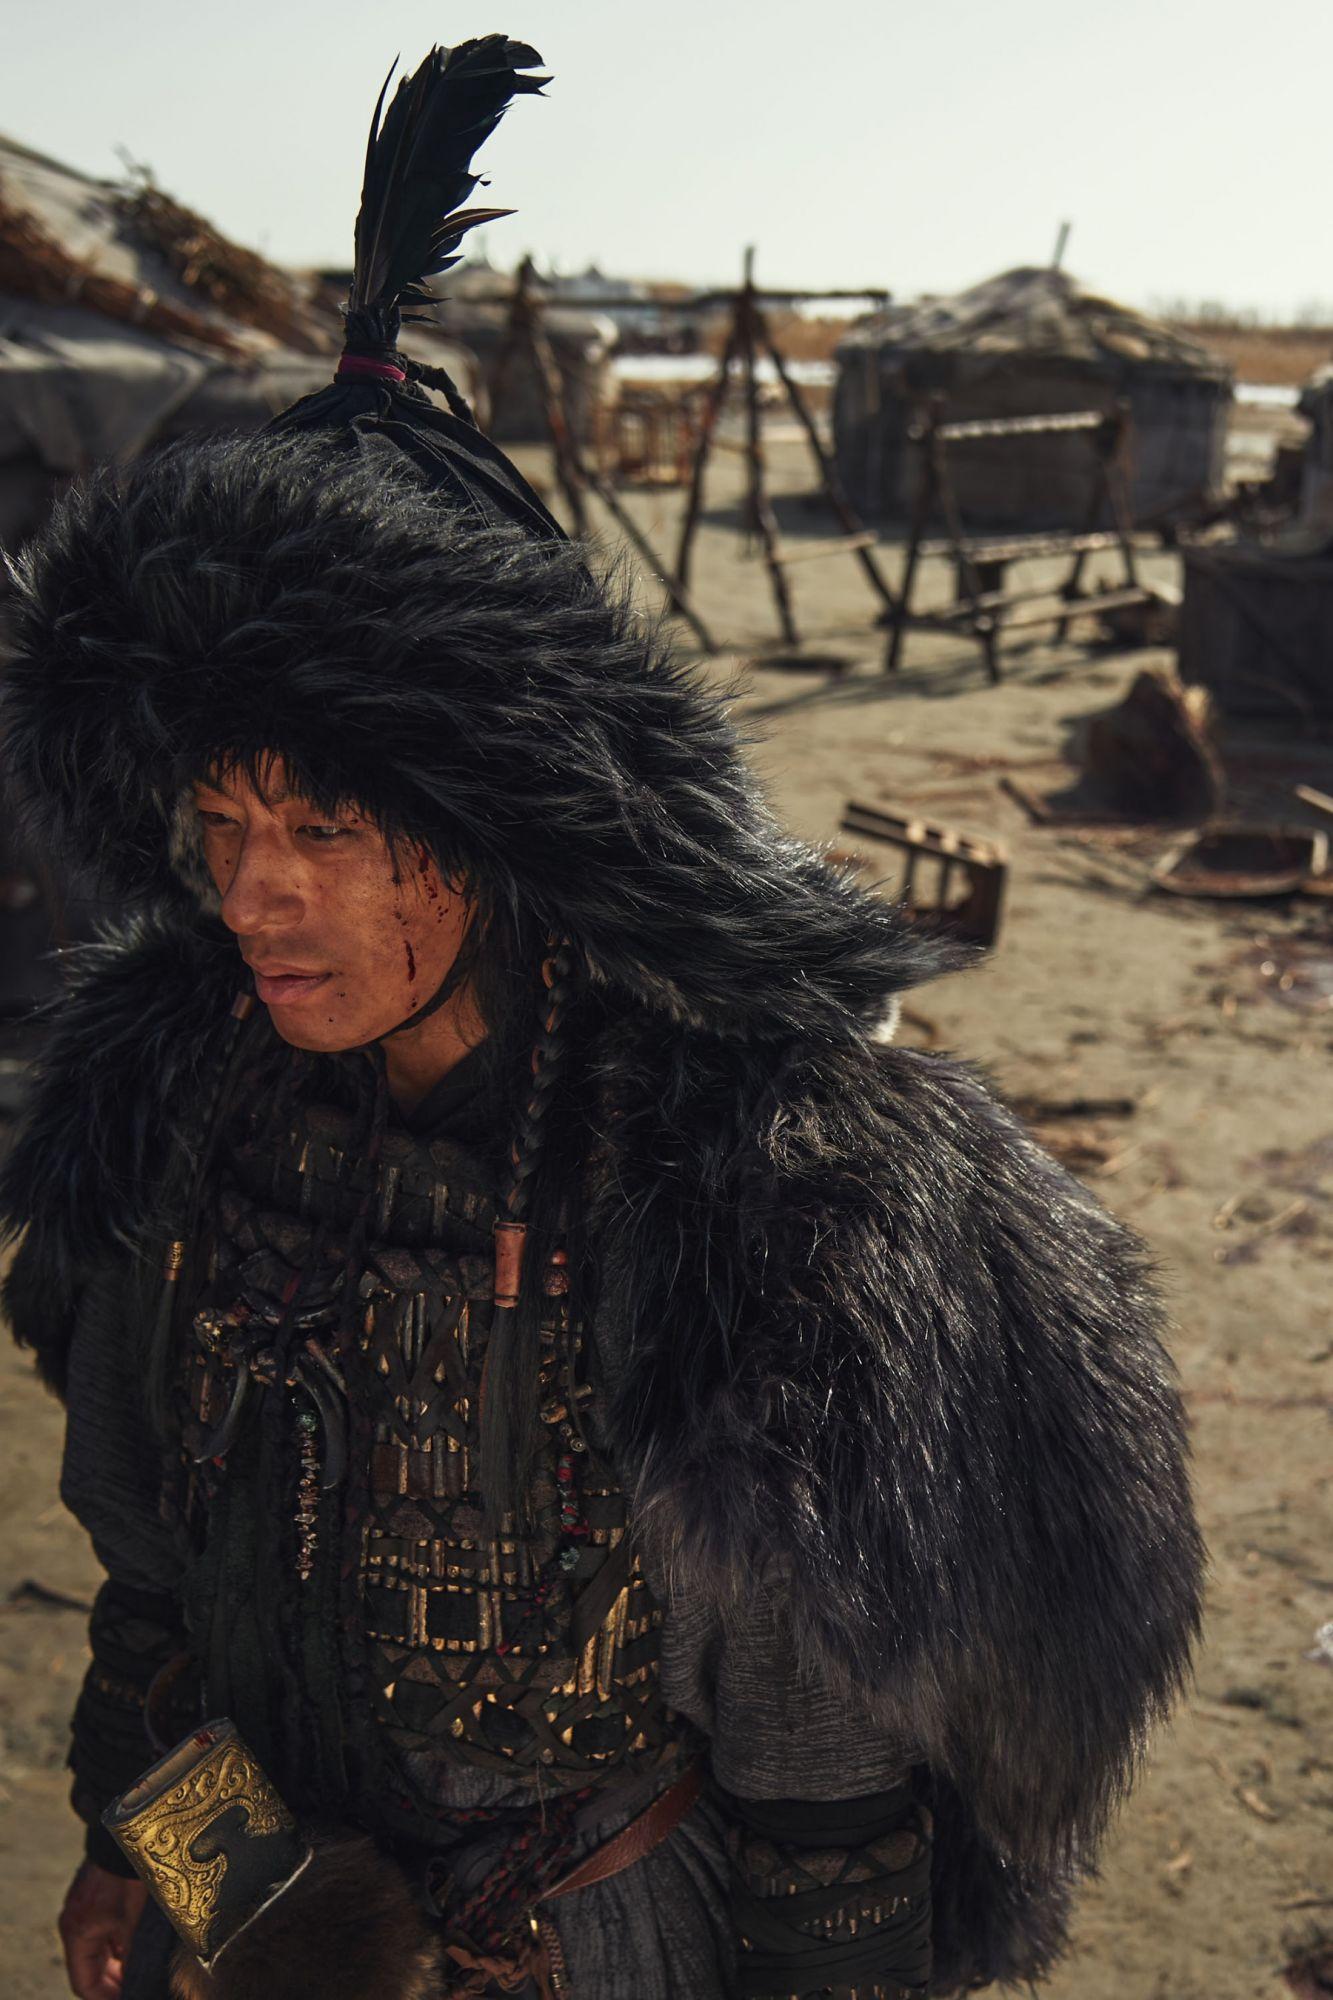 《屍戰朝鮮:雅信傳》具敎煥飾演婆豬衛頭目「阿里多干」。圖片來源/Netflix